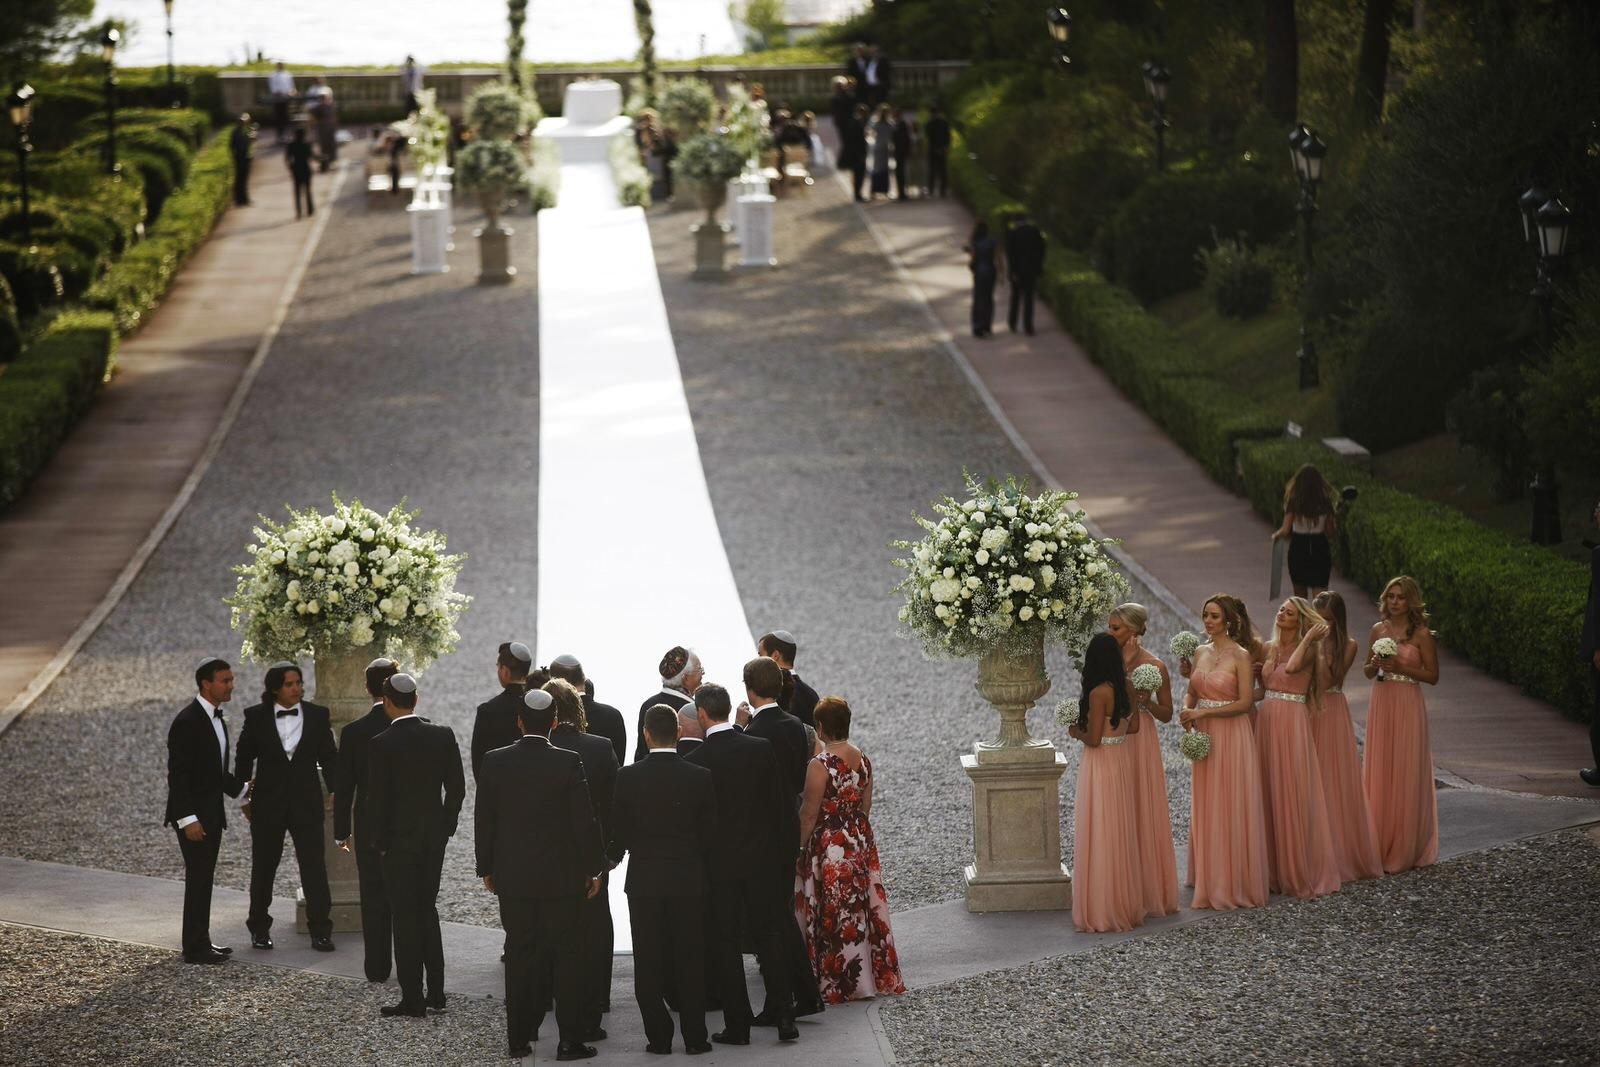 french-wedding-wedding-in-france-destination-wedding-photographer_0012.jpg